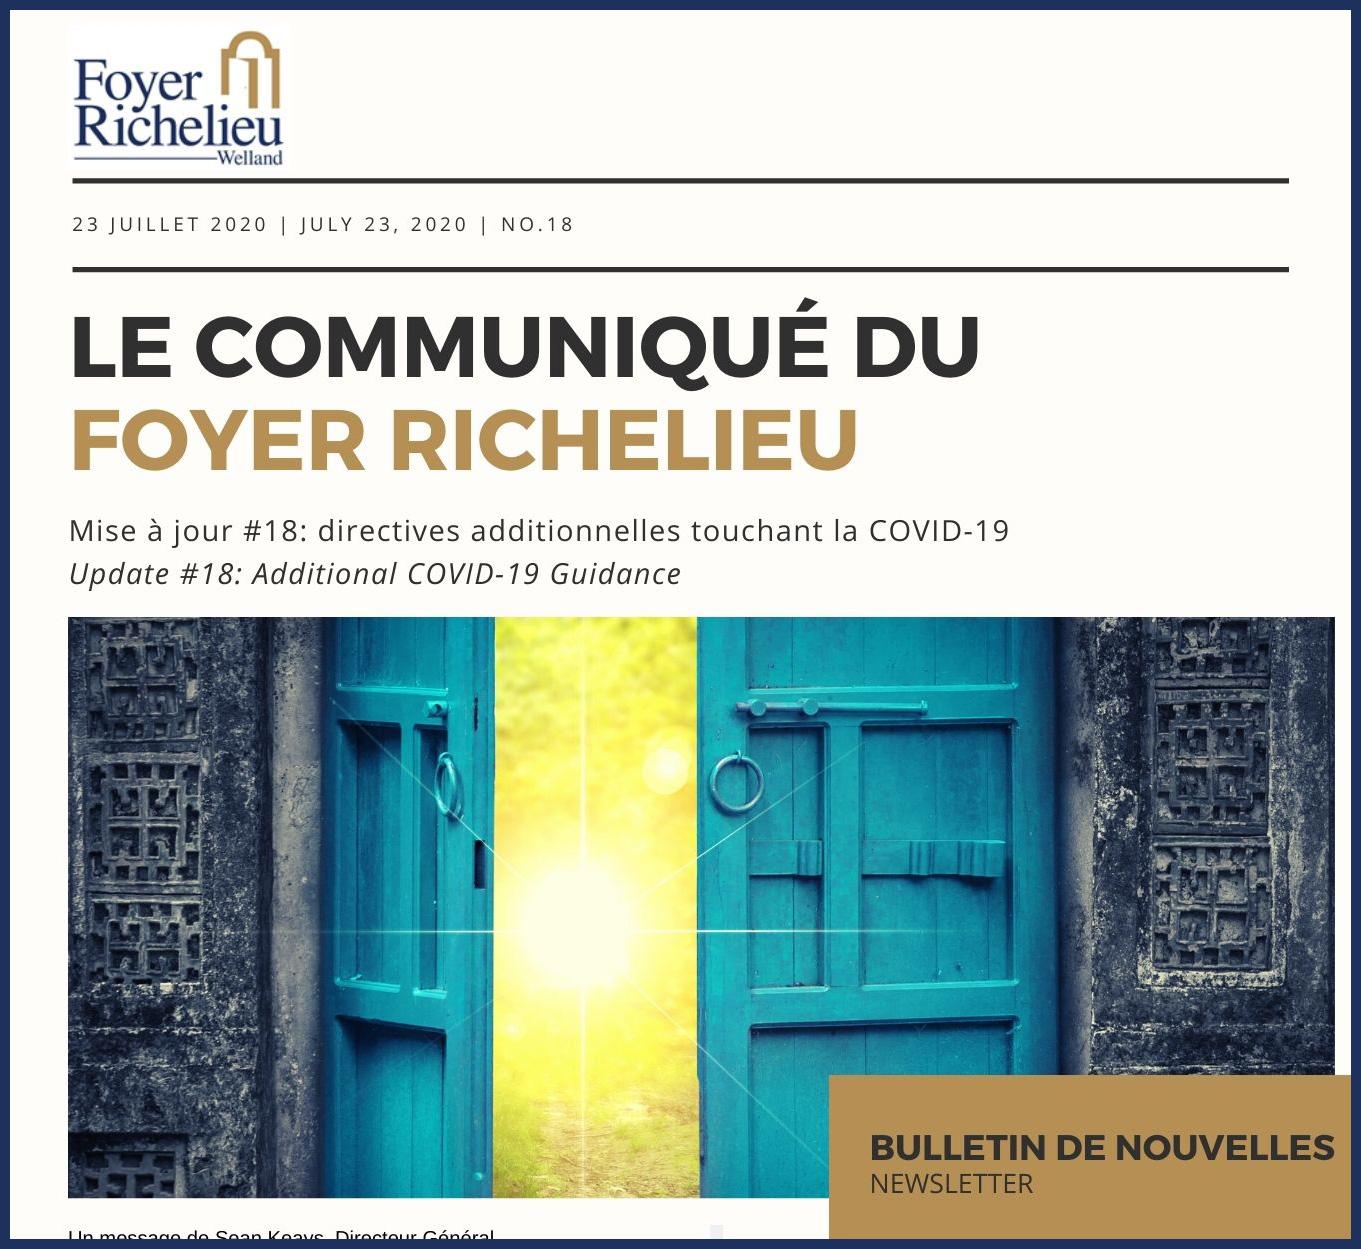 2020/07/23 – Le Communiqué du Foyer Richelieu